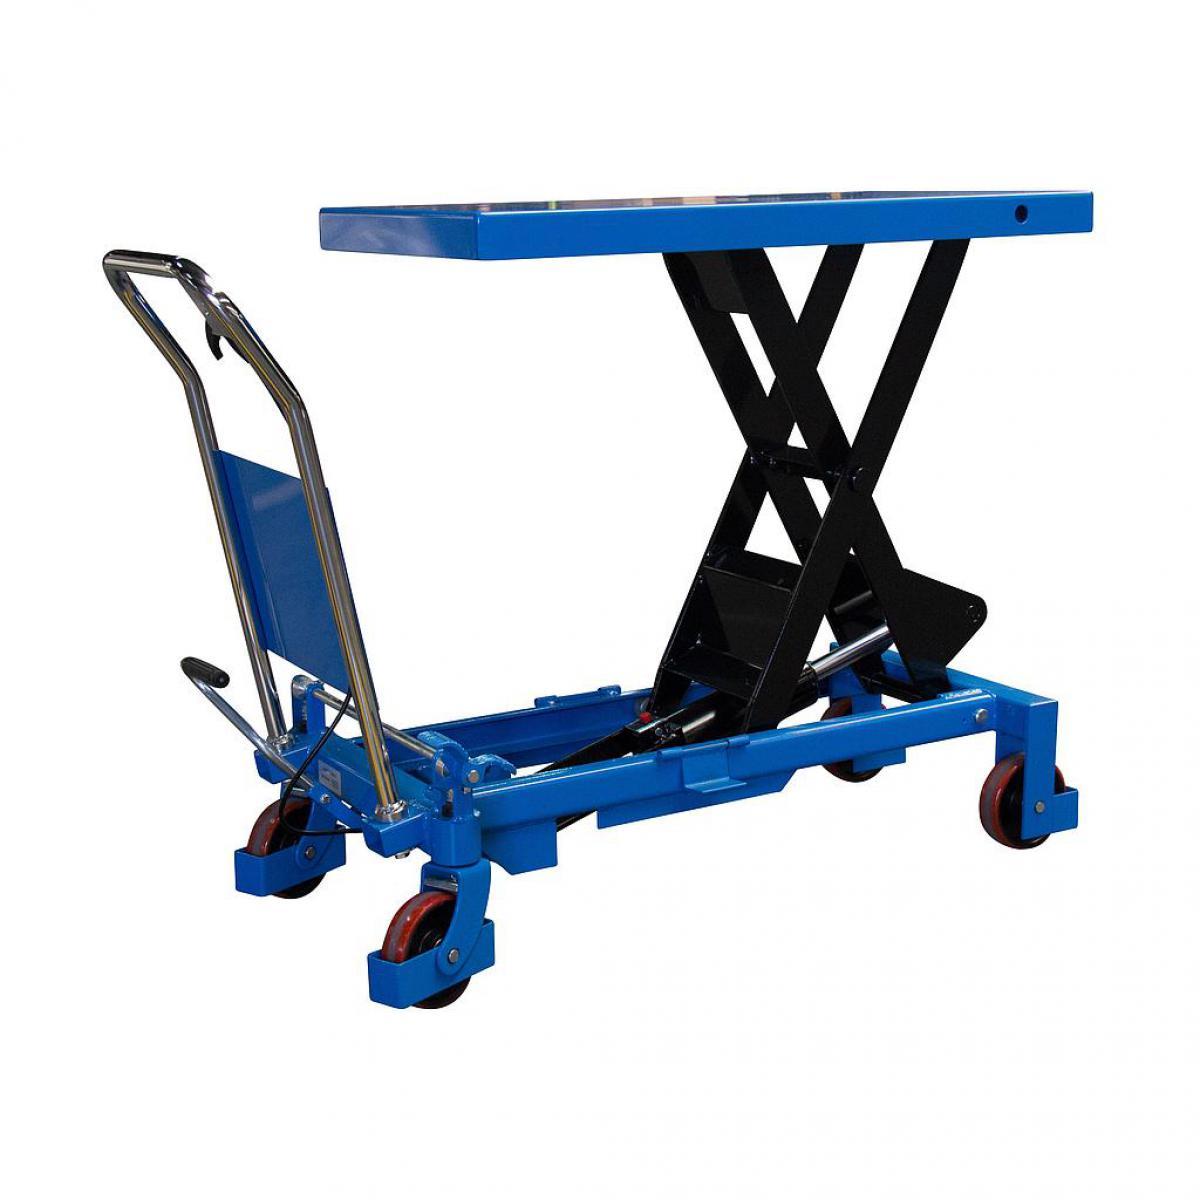 Fimm Fimm - Table élévatrice manuelle simple ciseaux charge 800 kg Ø roues 127 mm